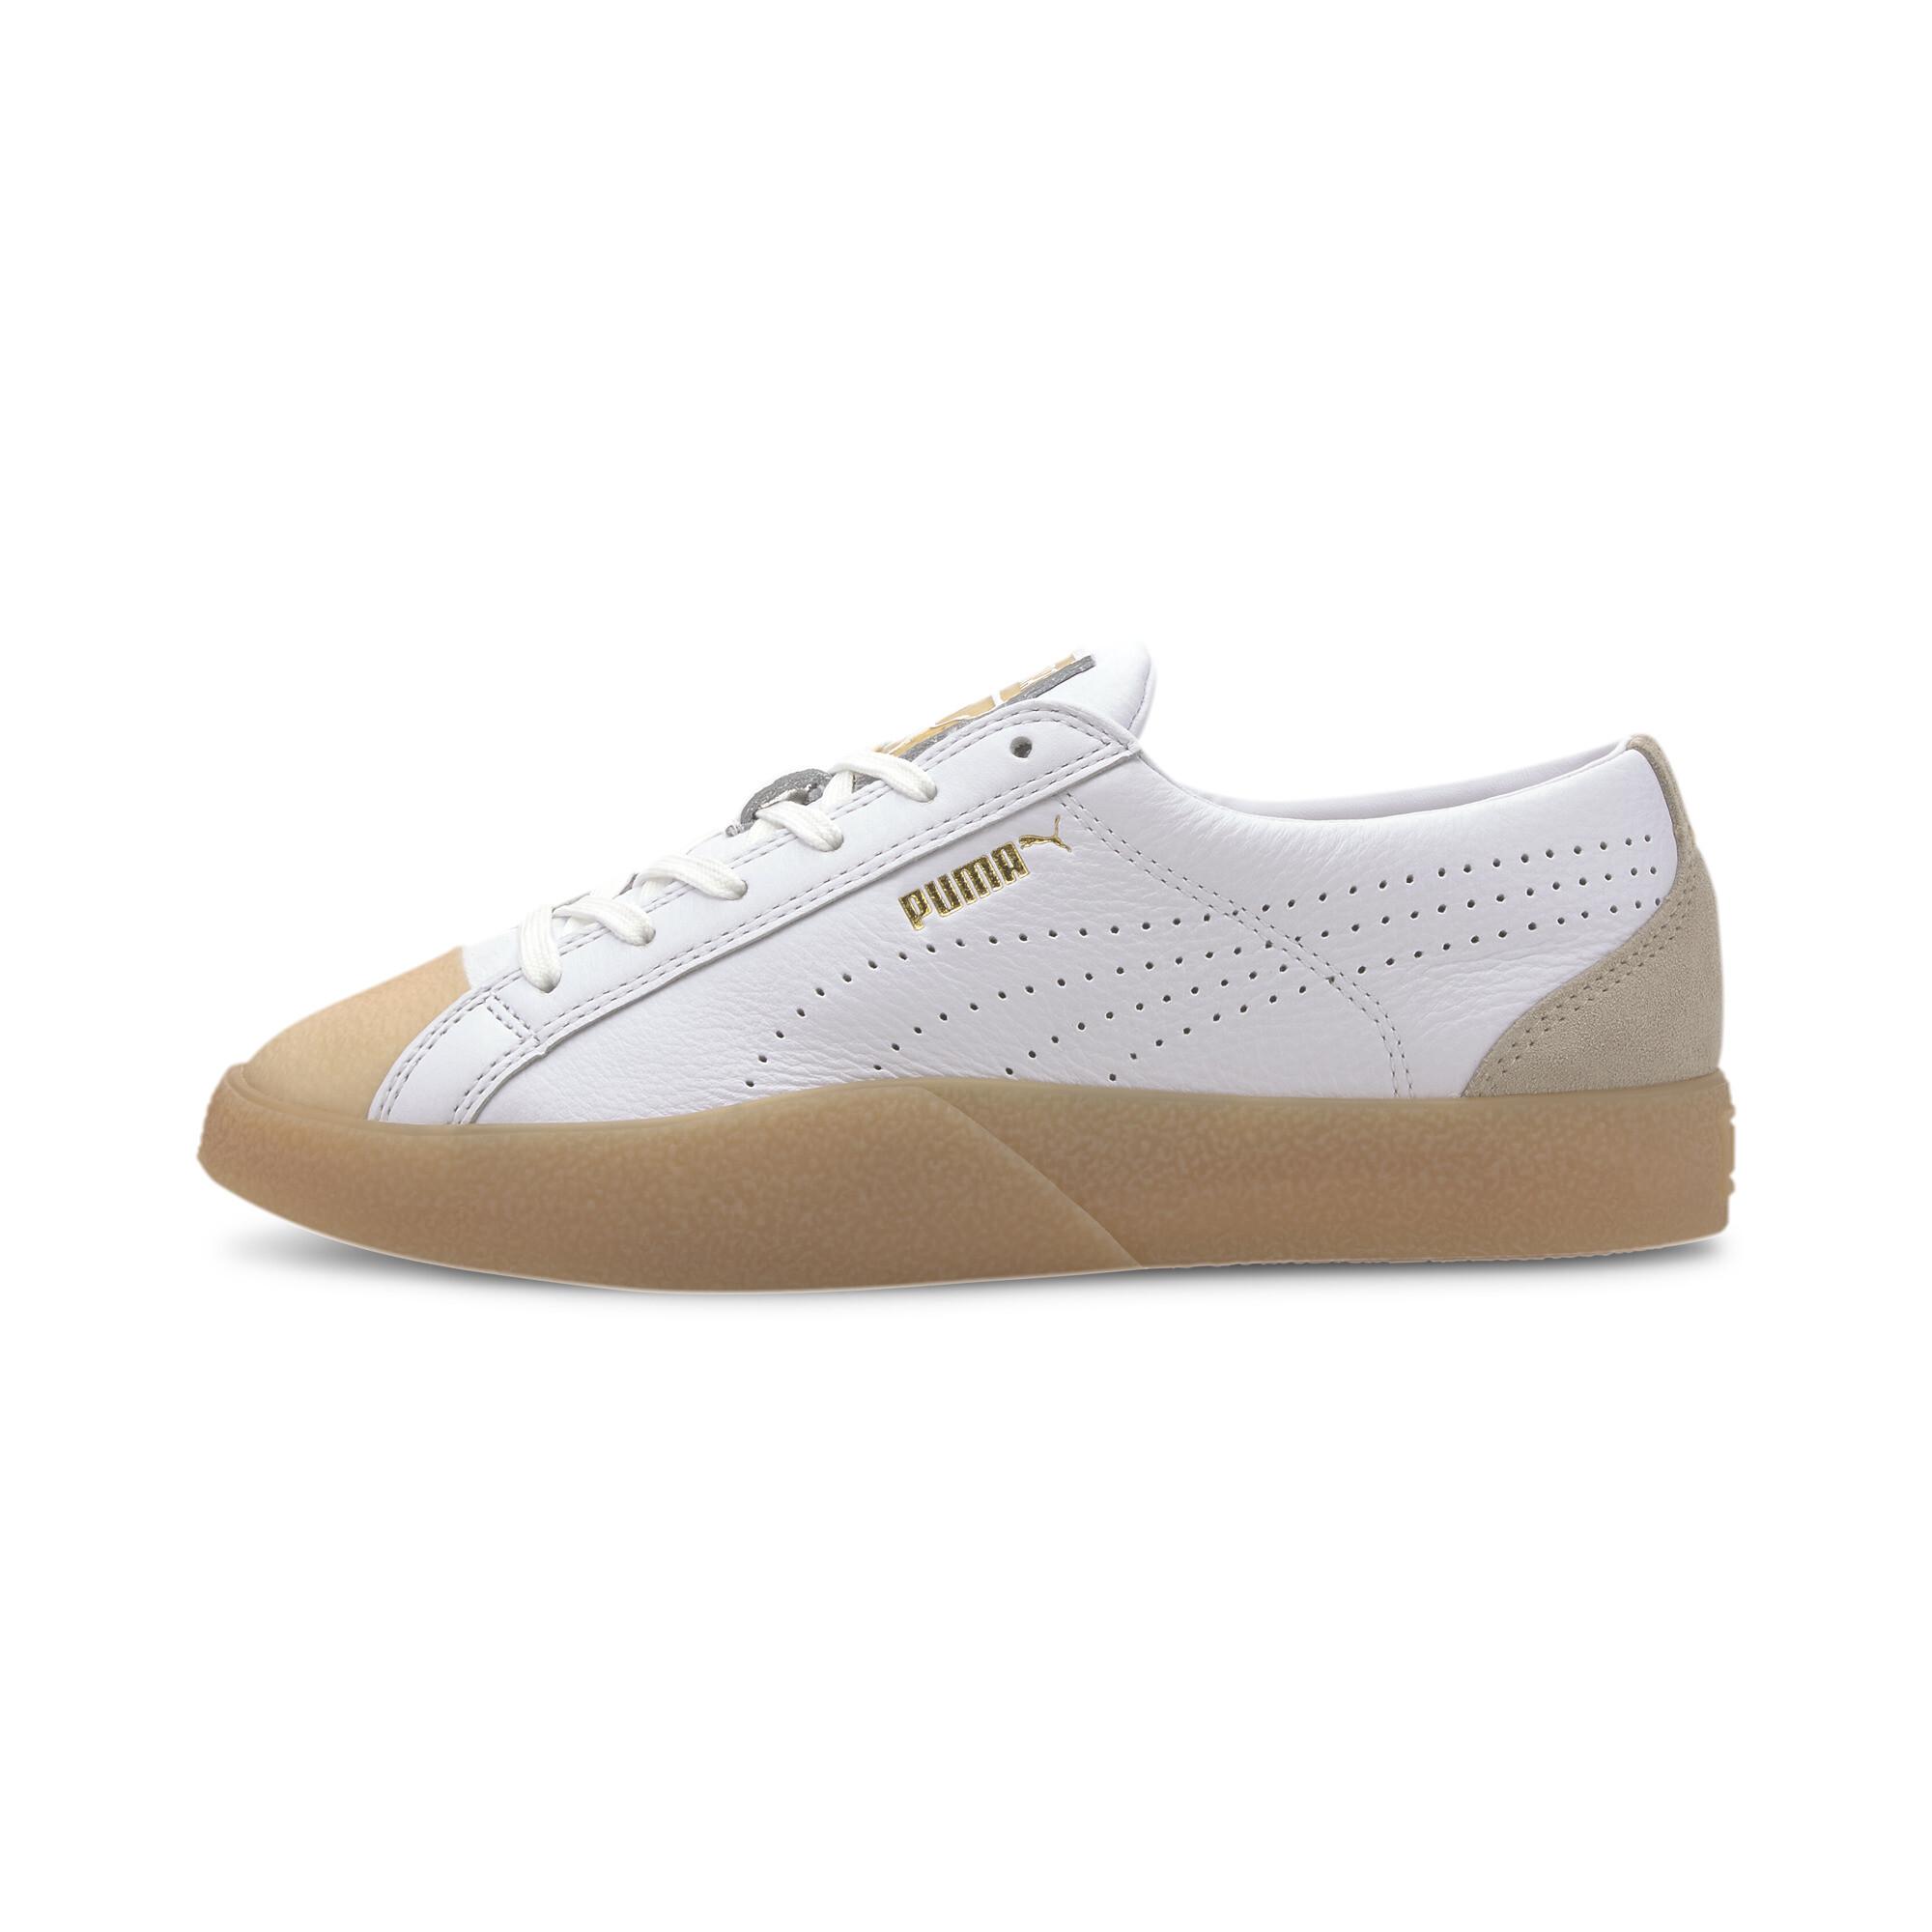 PUMA-Women-039-s-Love-Grand-Slam-Sneakers thumbnail 4